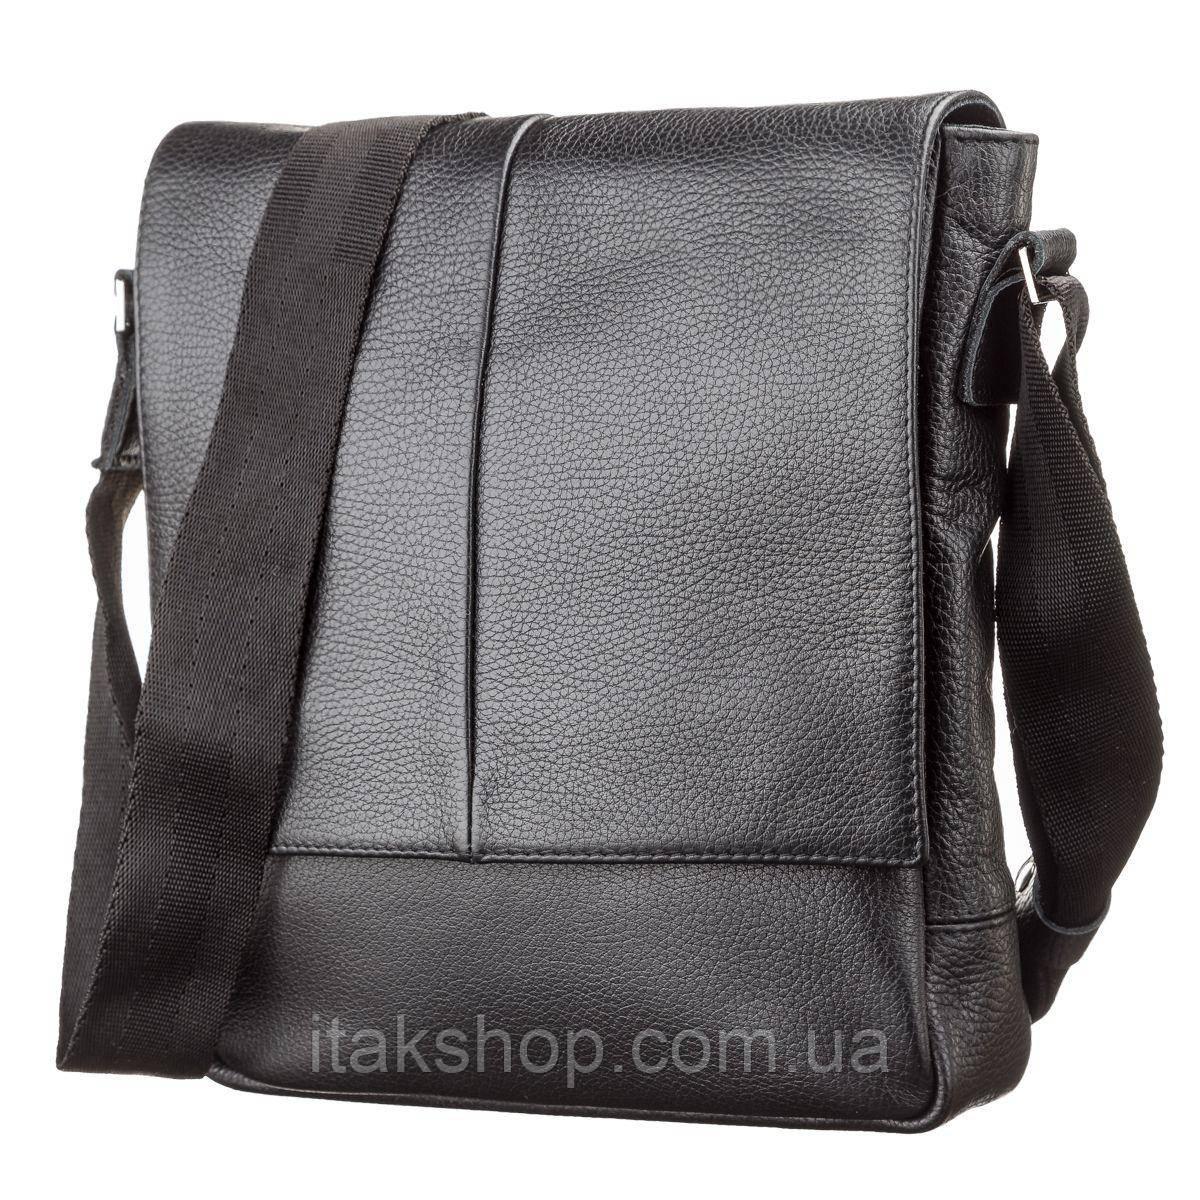 Стильная мужская сумка из натуральной кожи Швигель Черная